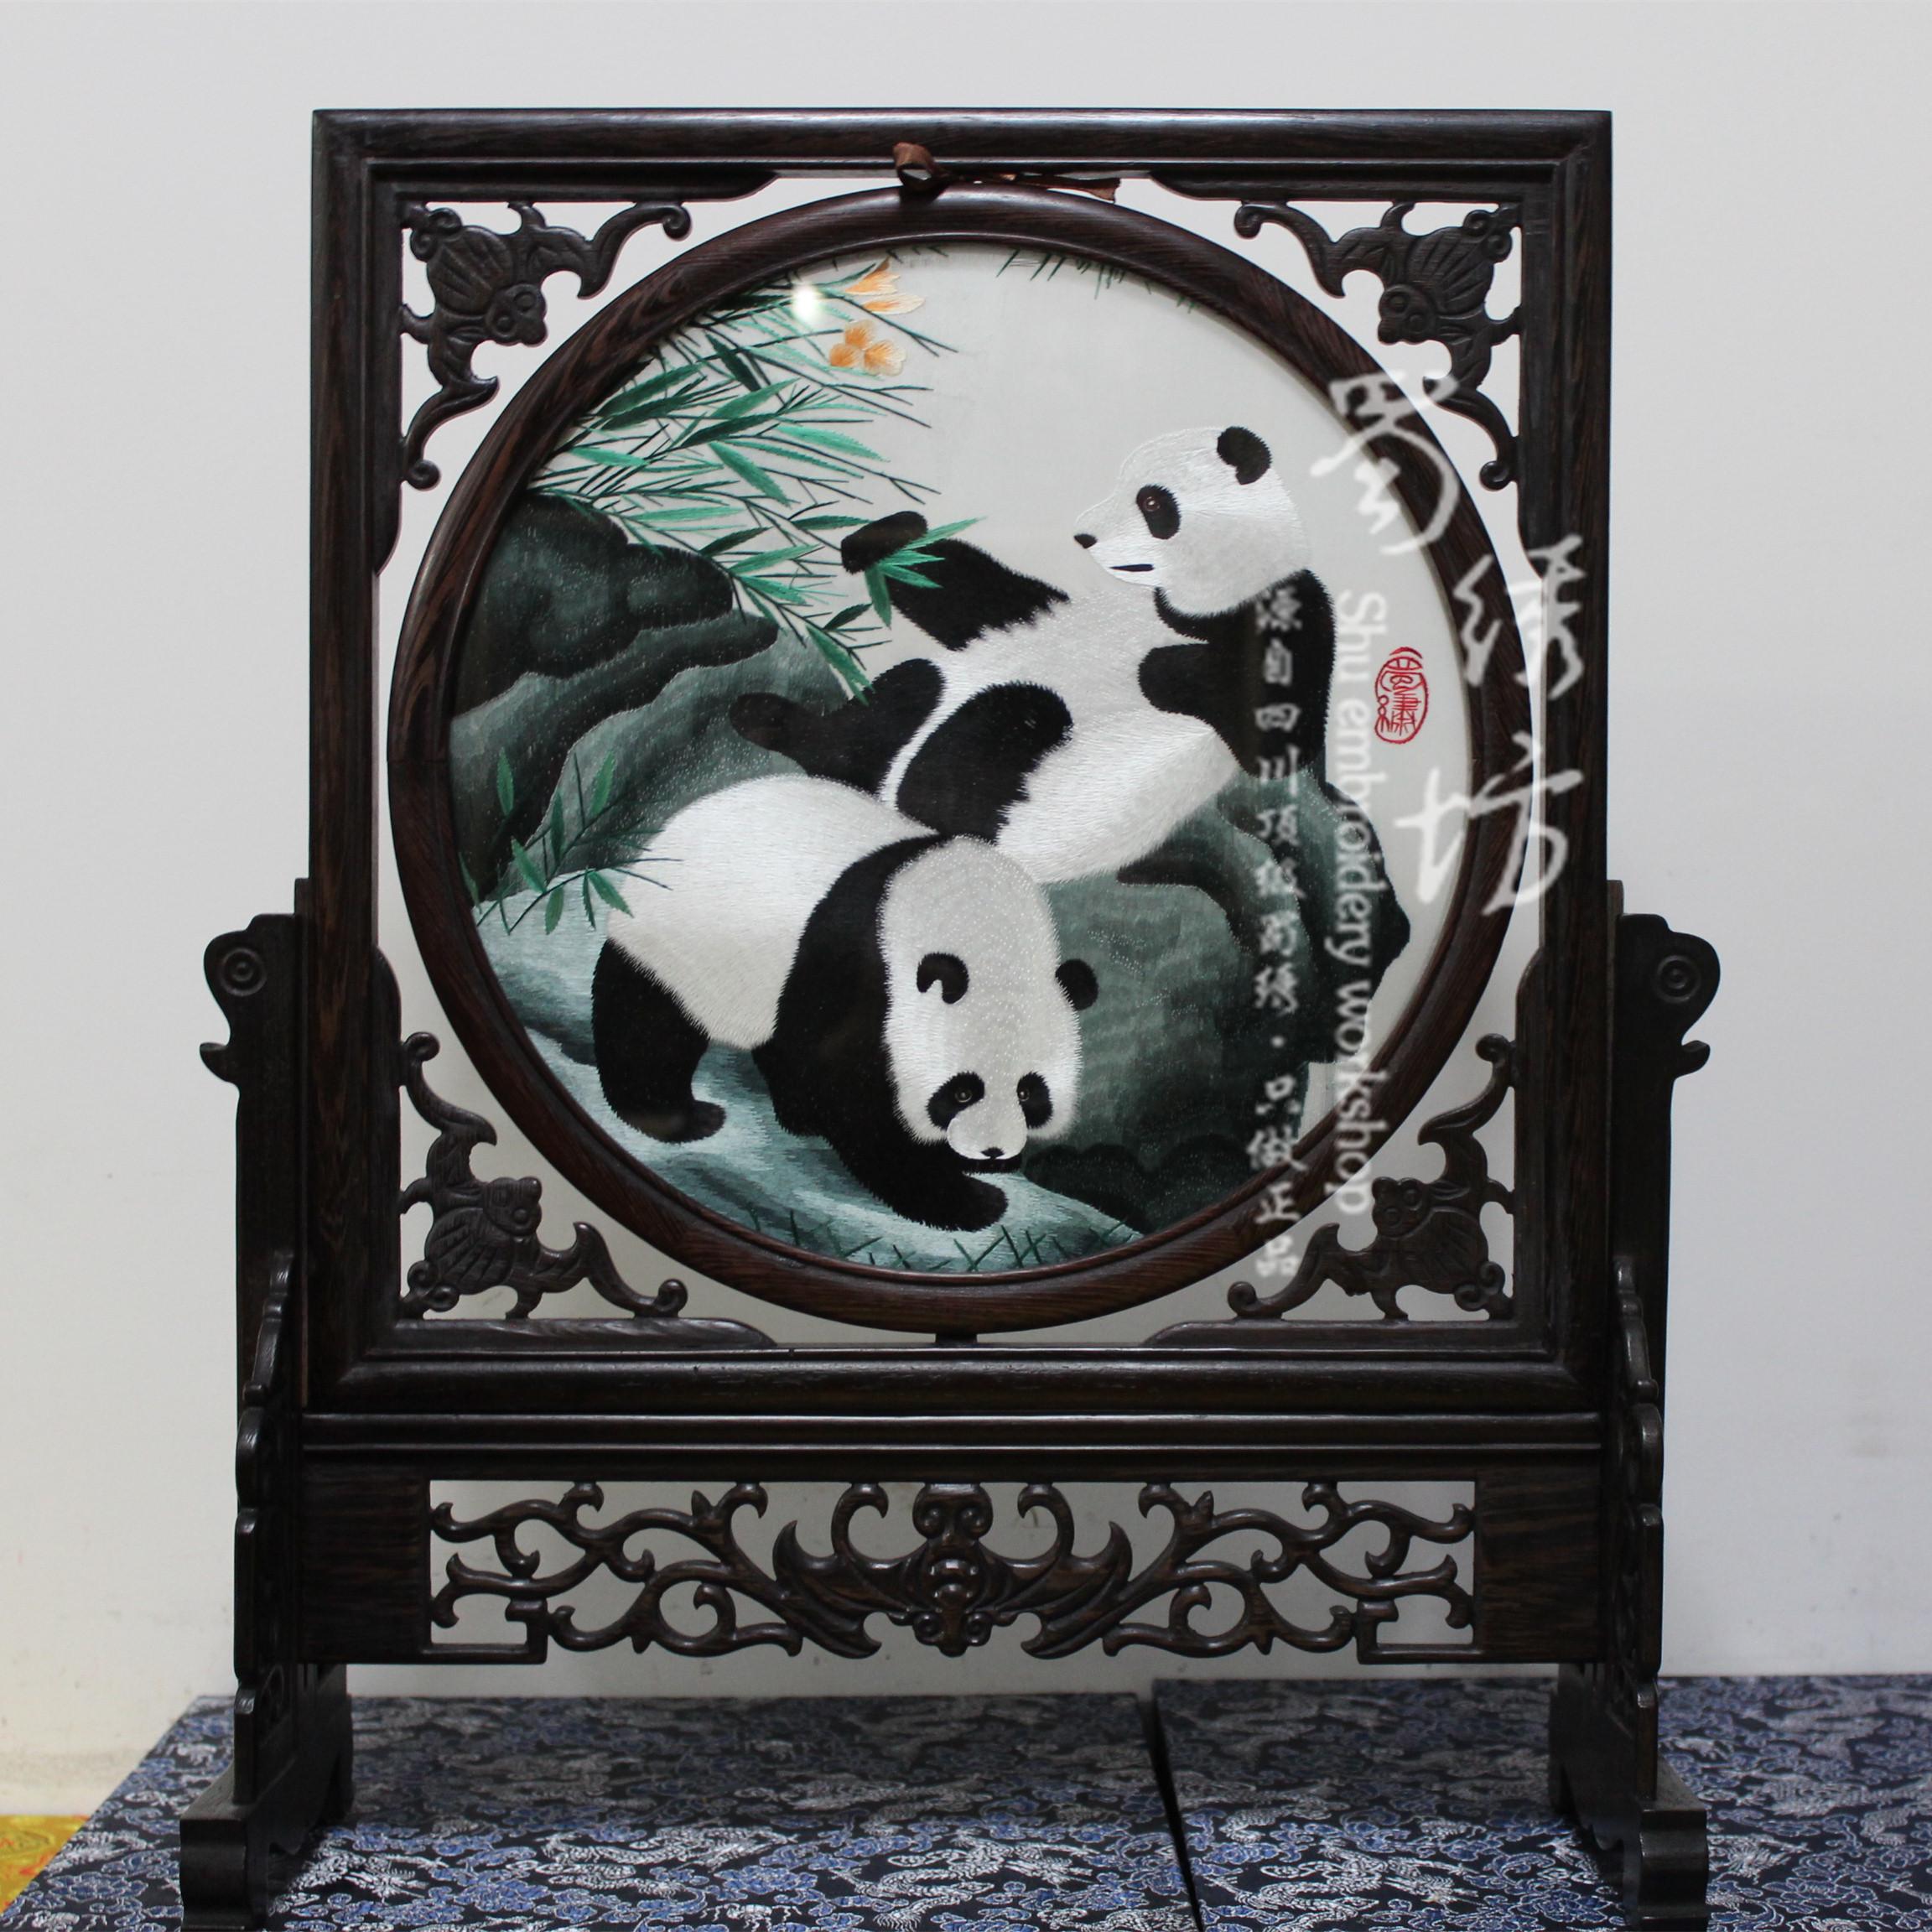 成都特色蜀锦蜀绣鸡翅木框架双面绣熊猫屏风 商务外事会议礼品图片